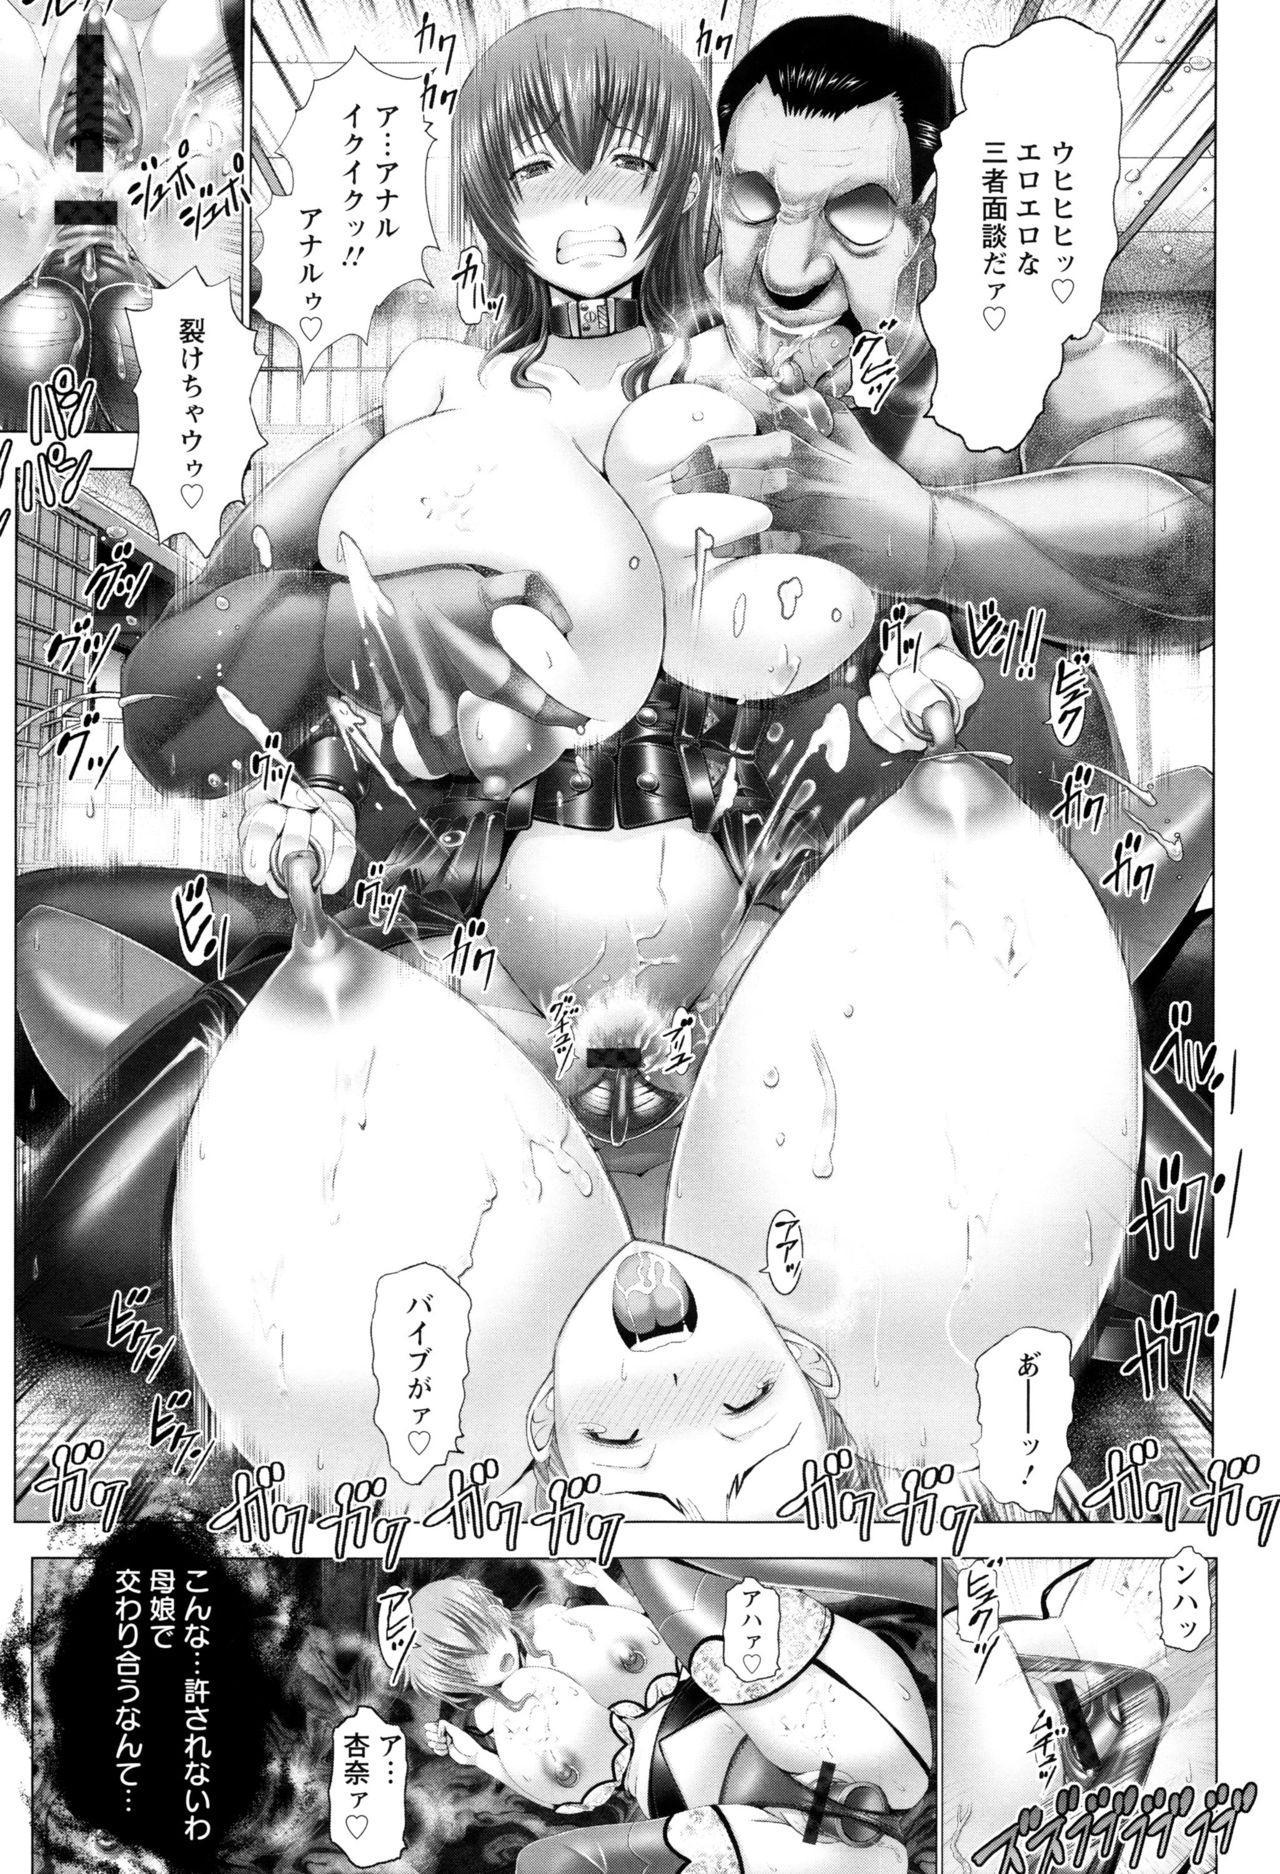 Kotoko wa Isshou Yokkyuufuman 185